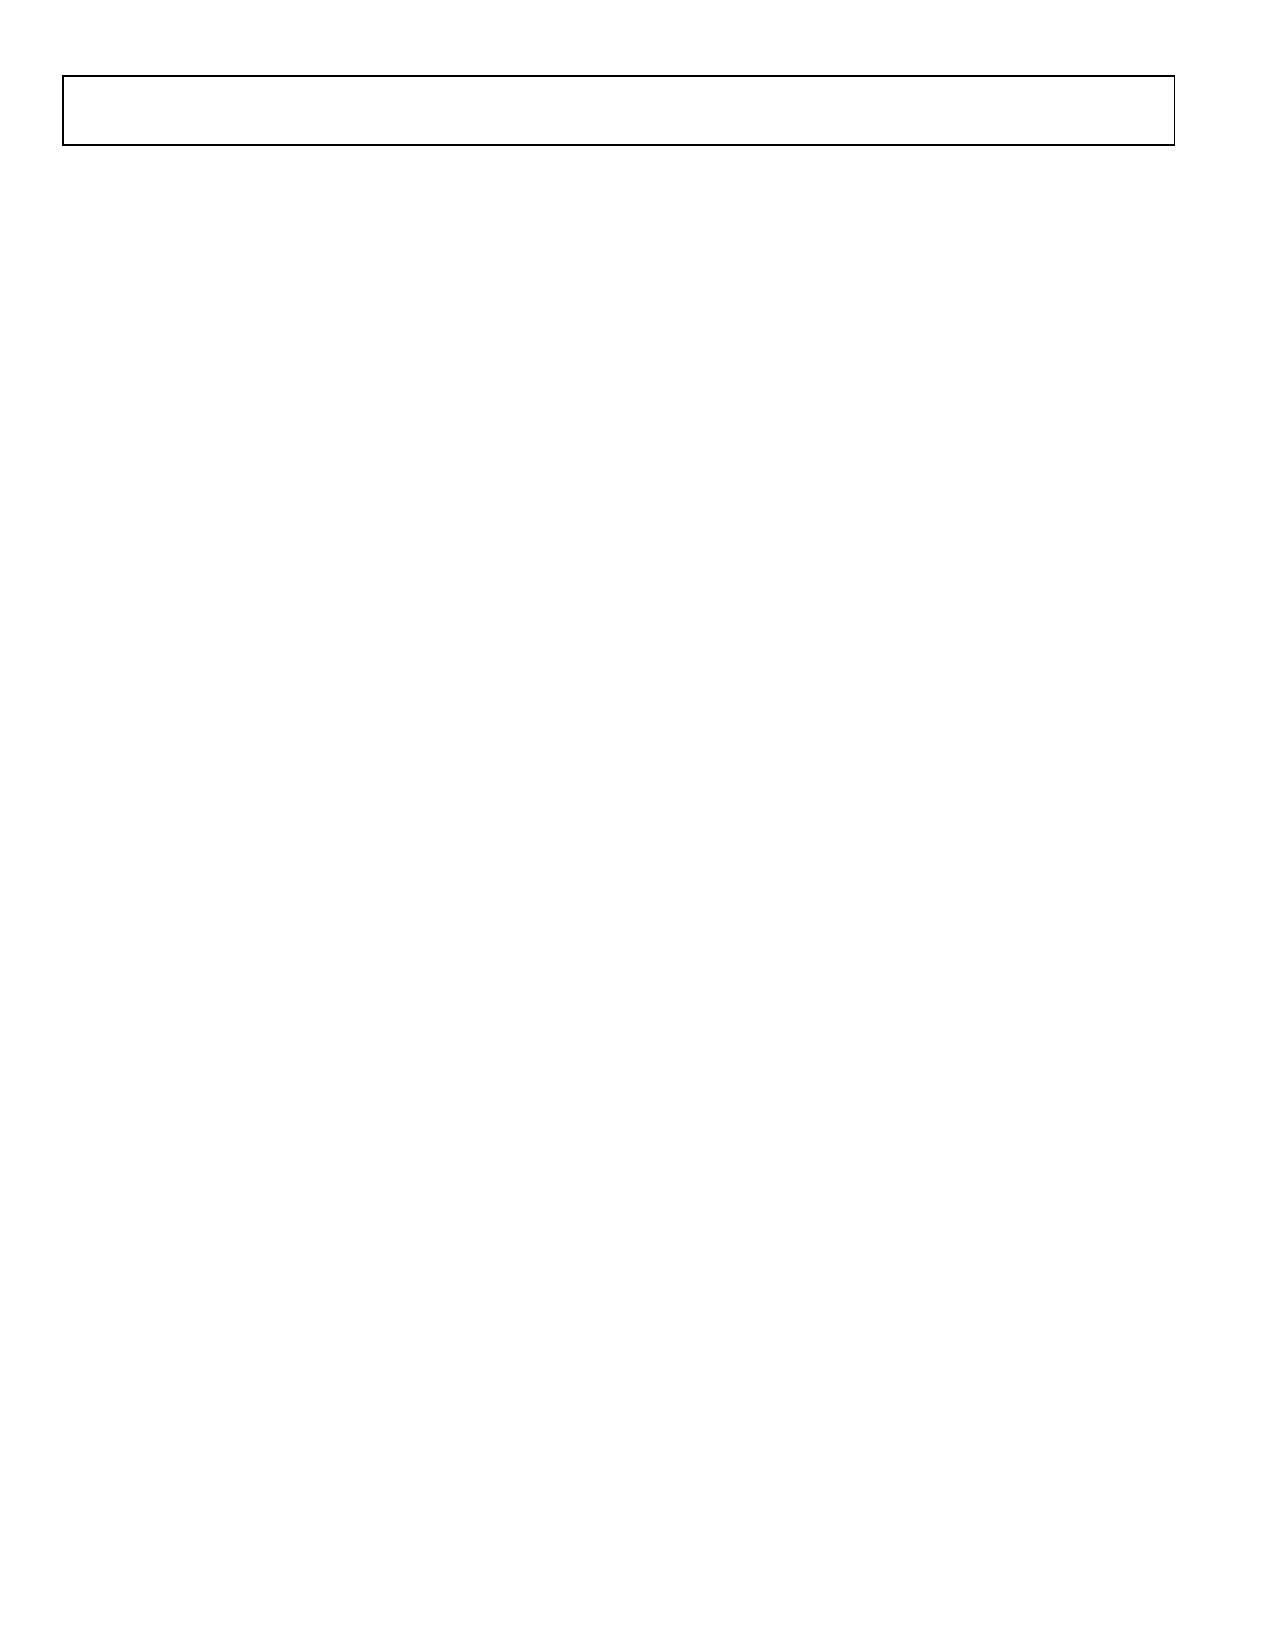 AD5162 Даташит, Описание, Даташиты